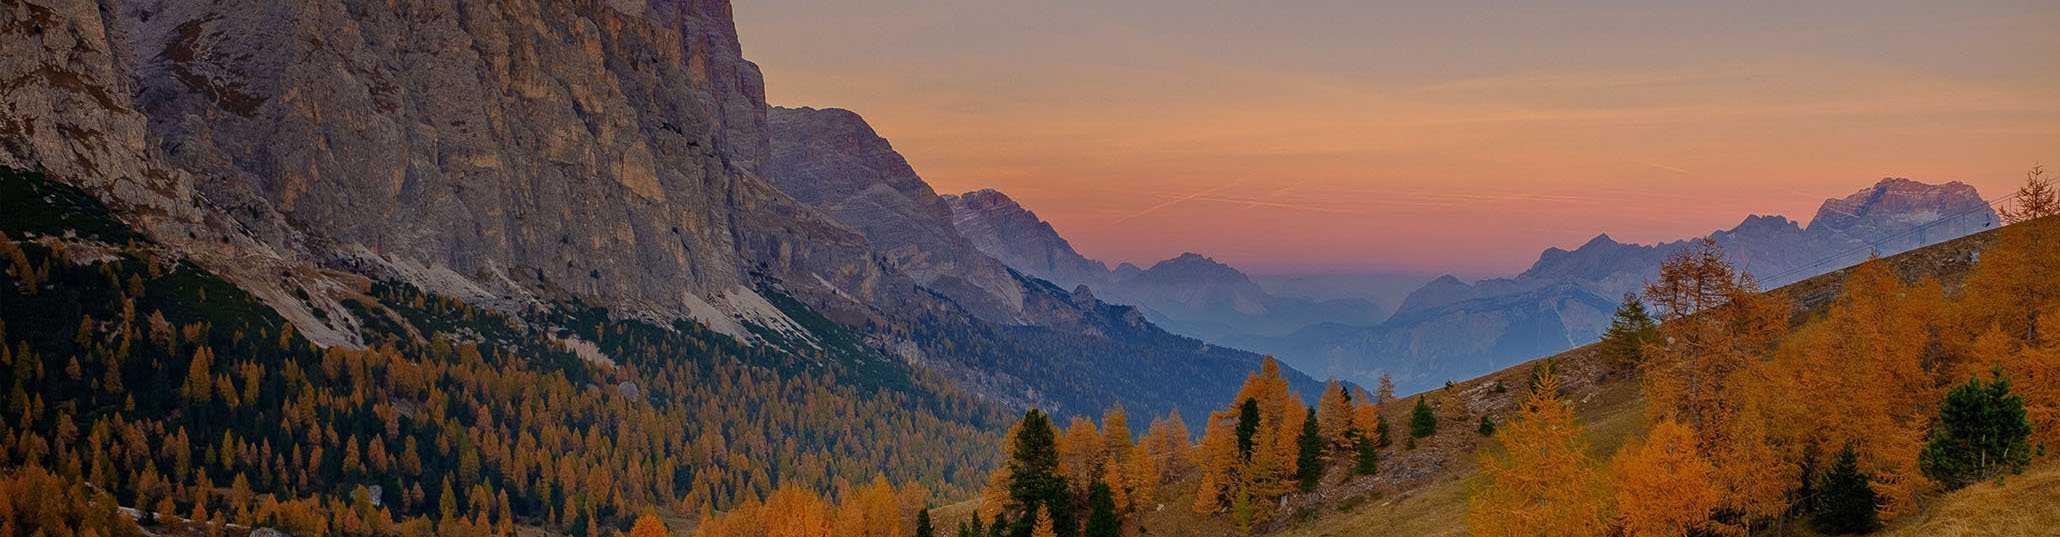 fotografía de viaje de los las montañas dolomites de italia en otoño durante una ruta de senderismo